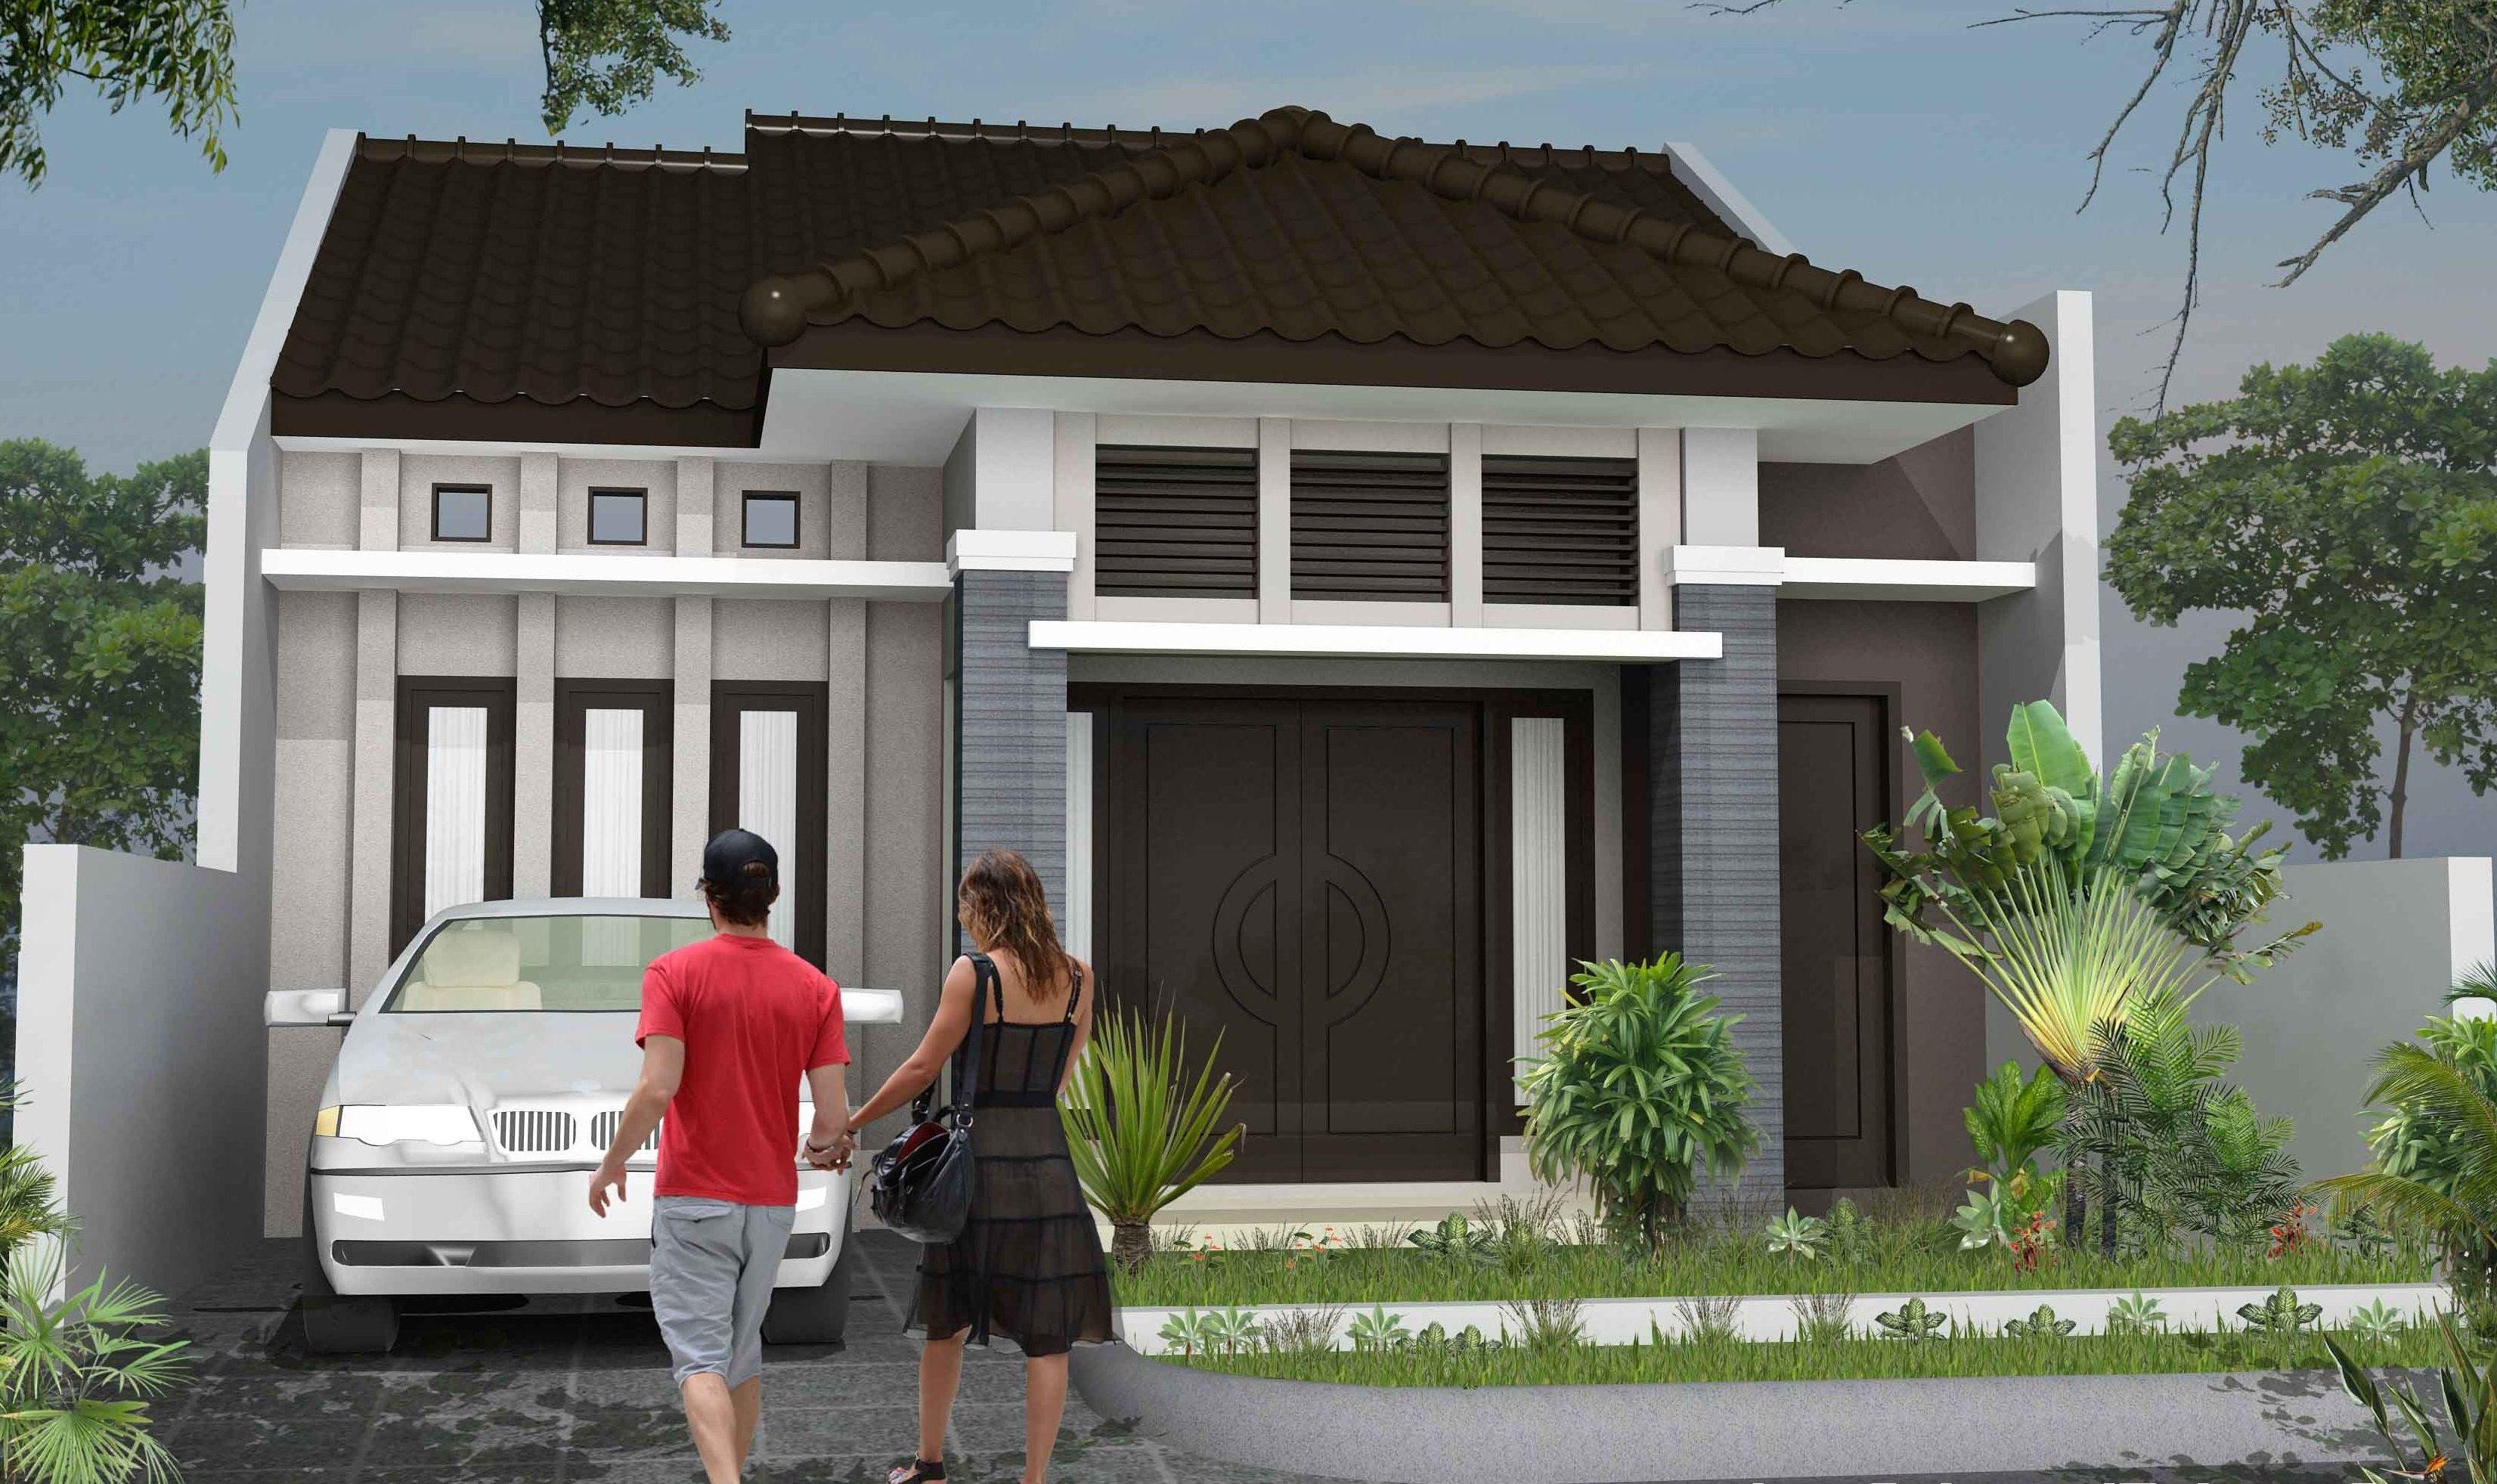 66 Desain Rumah Minimalis 7 X 12 Desain Rumah Minimalis Terbaru